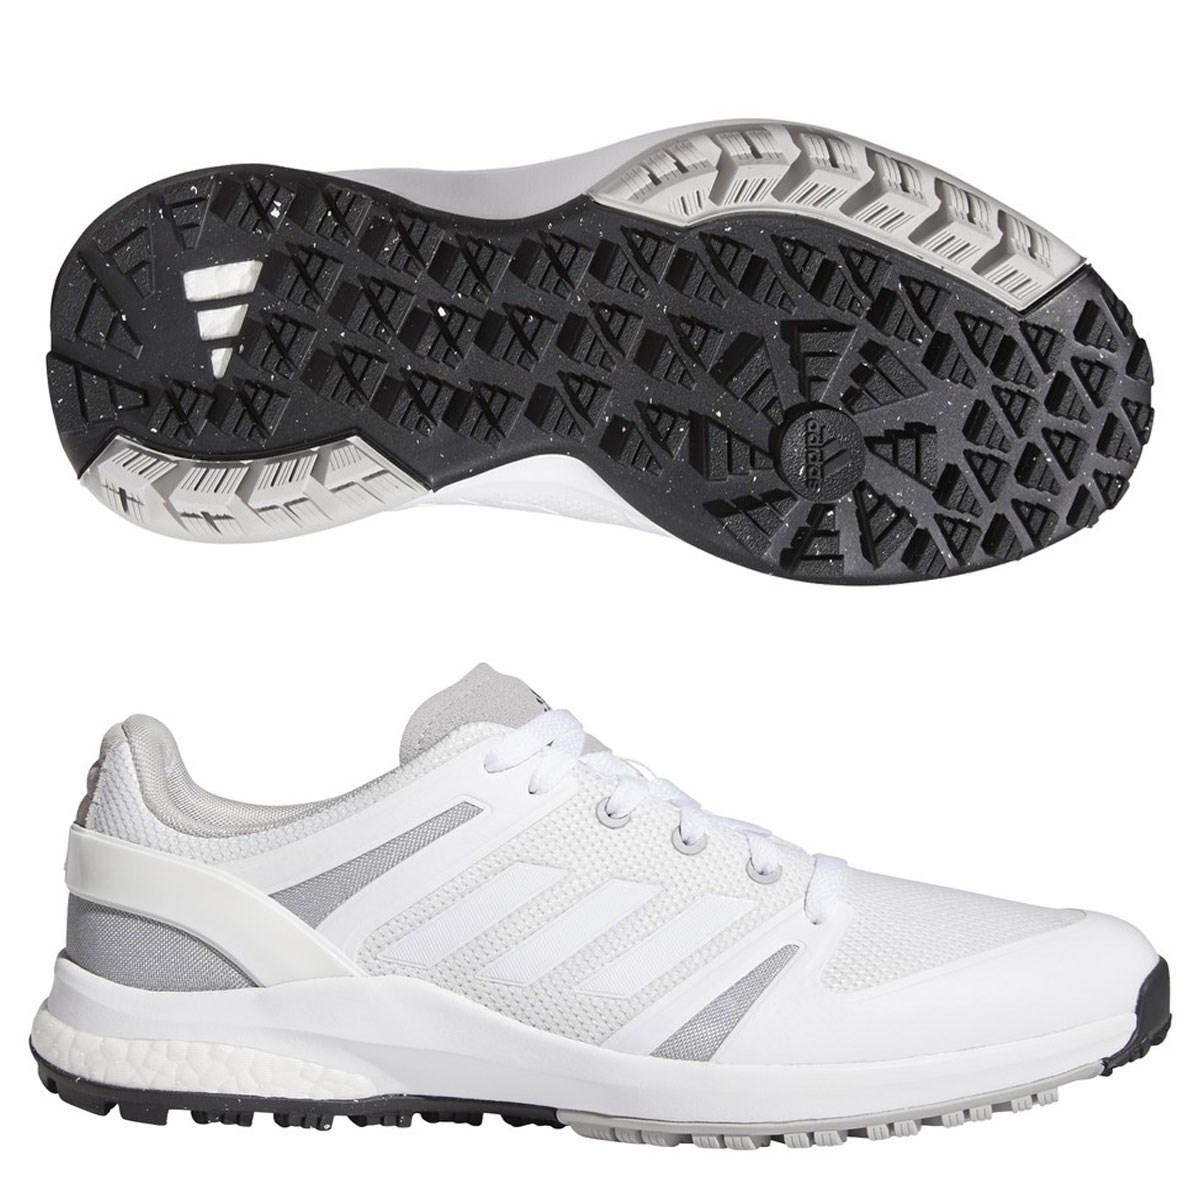 アディダス Adidas EQTスパイクレスシューズ 25cm フットウェアホワイト/フットウェアホワイト/グレートゥー